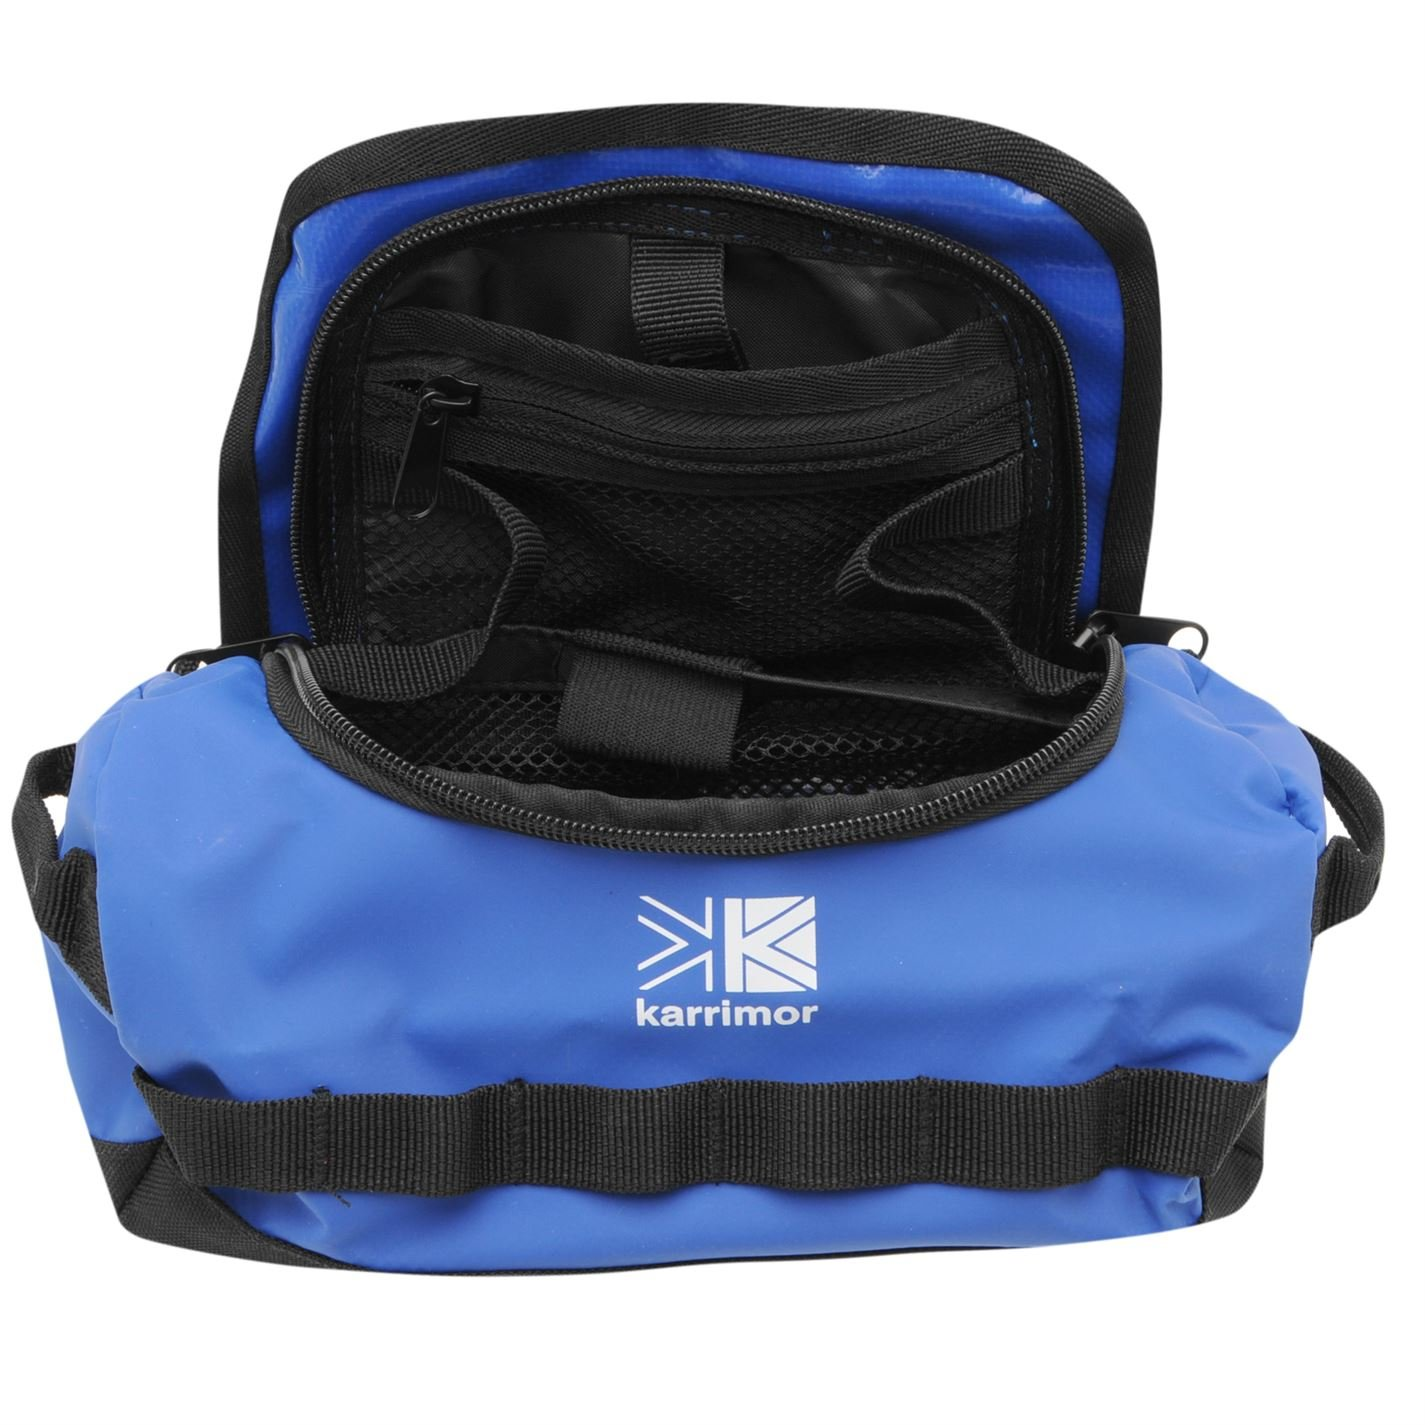 Karrimor Unisex Wash Bag